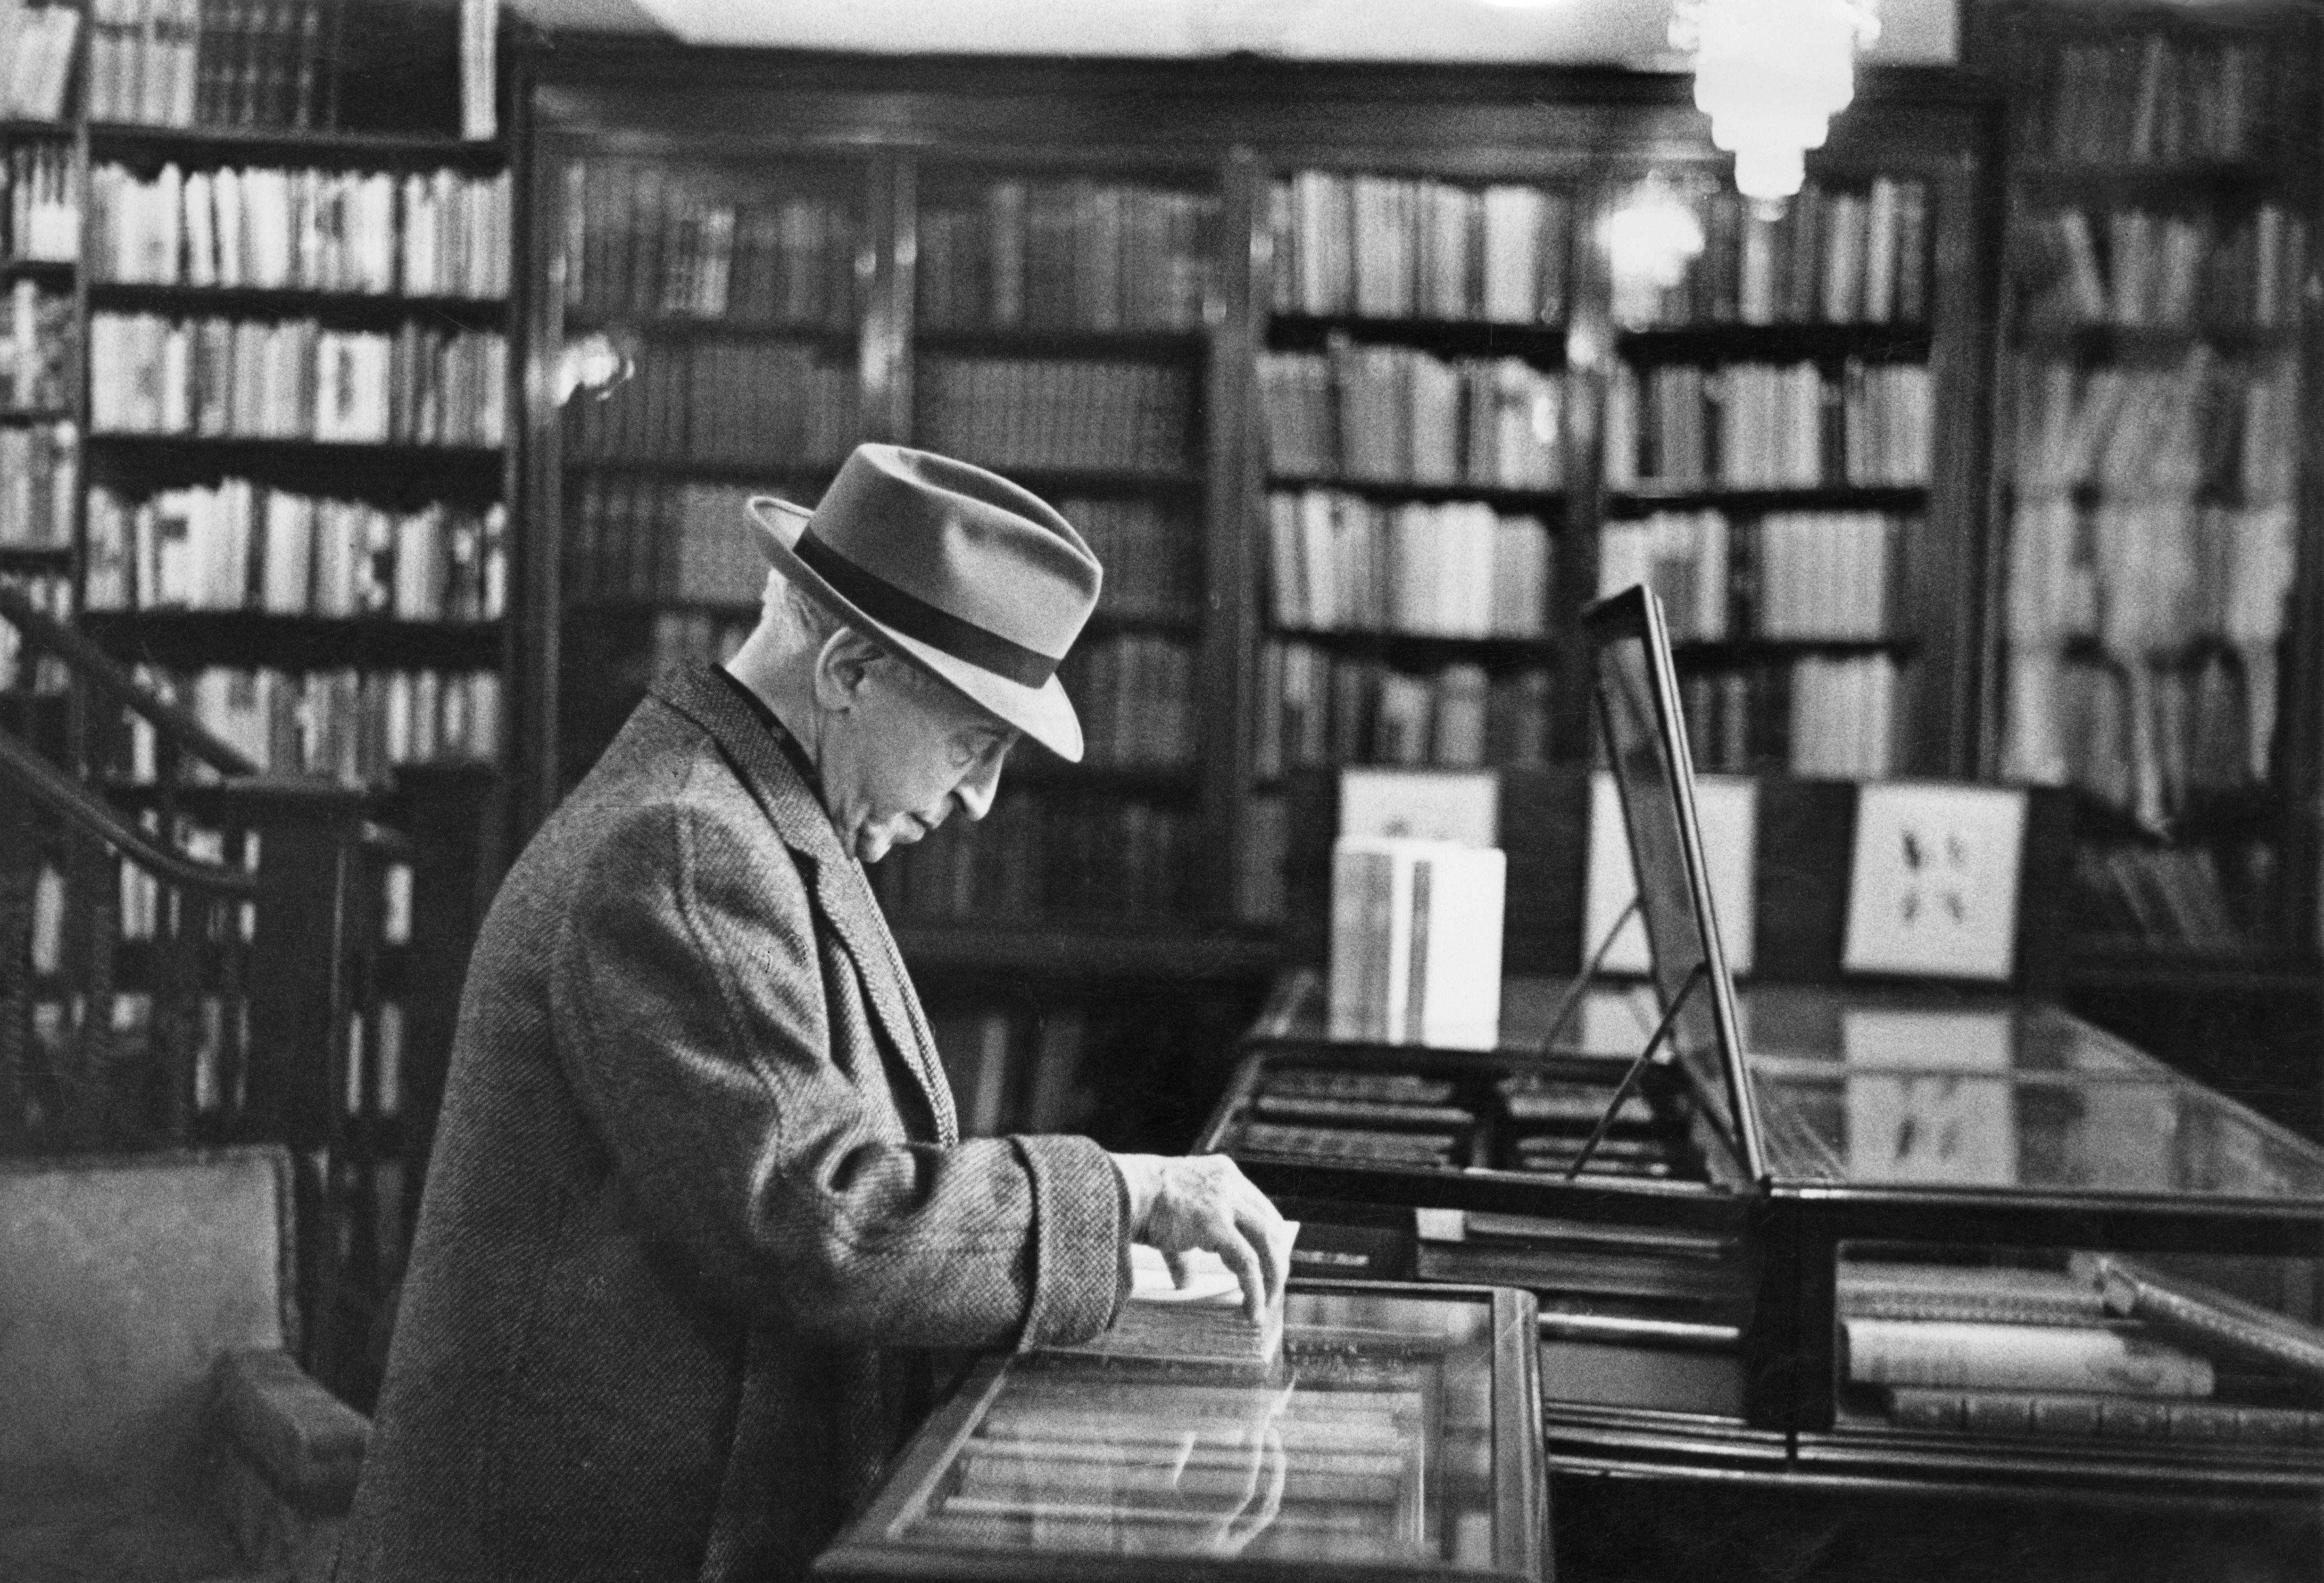 Arthur Rubinstein zongoraművész könyveket válogat a londoni West Enden (fotó: Erich Auerbach/Getty Images)